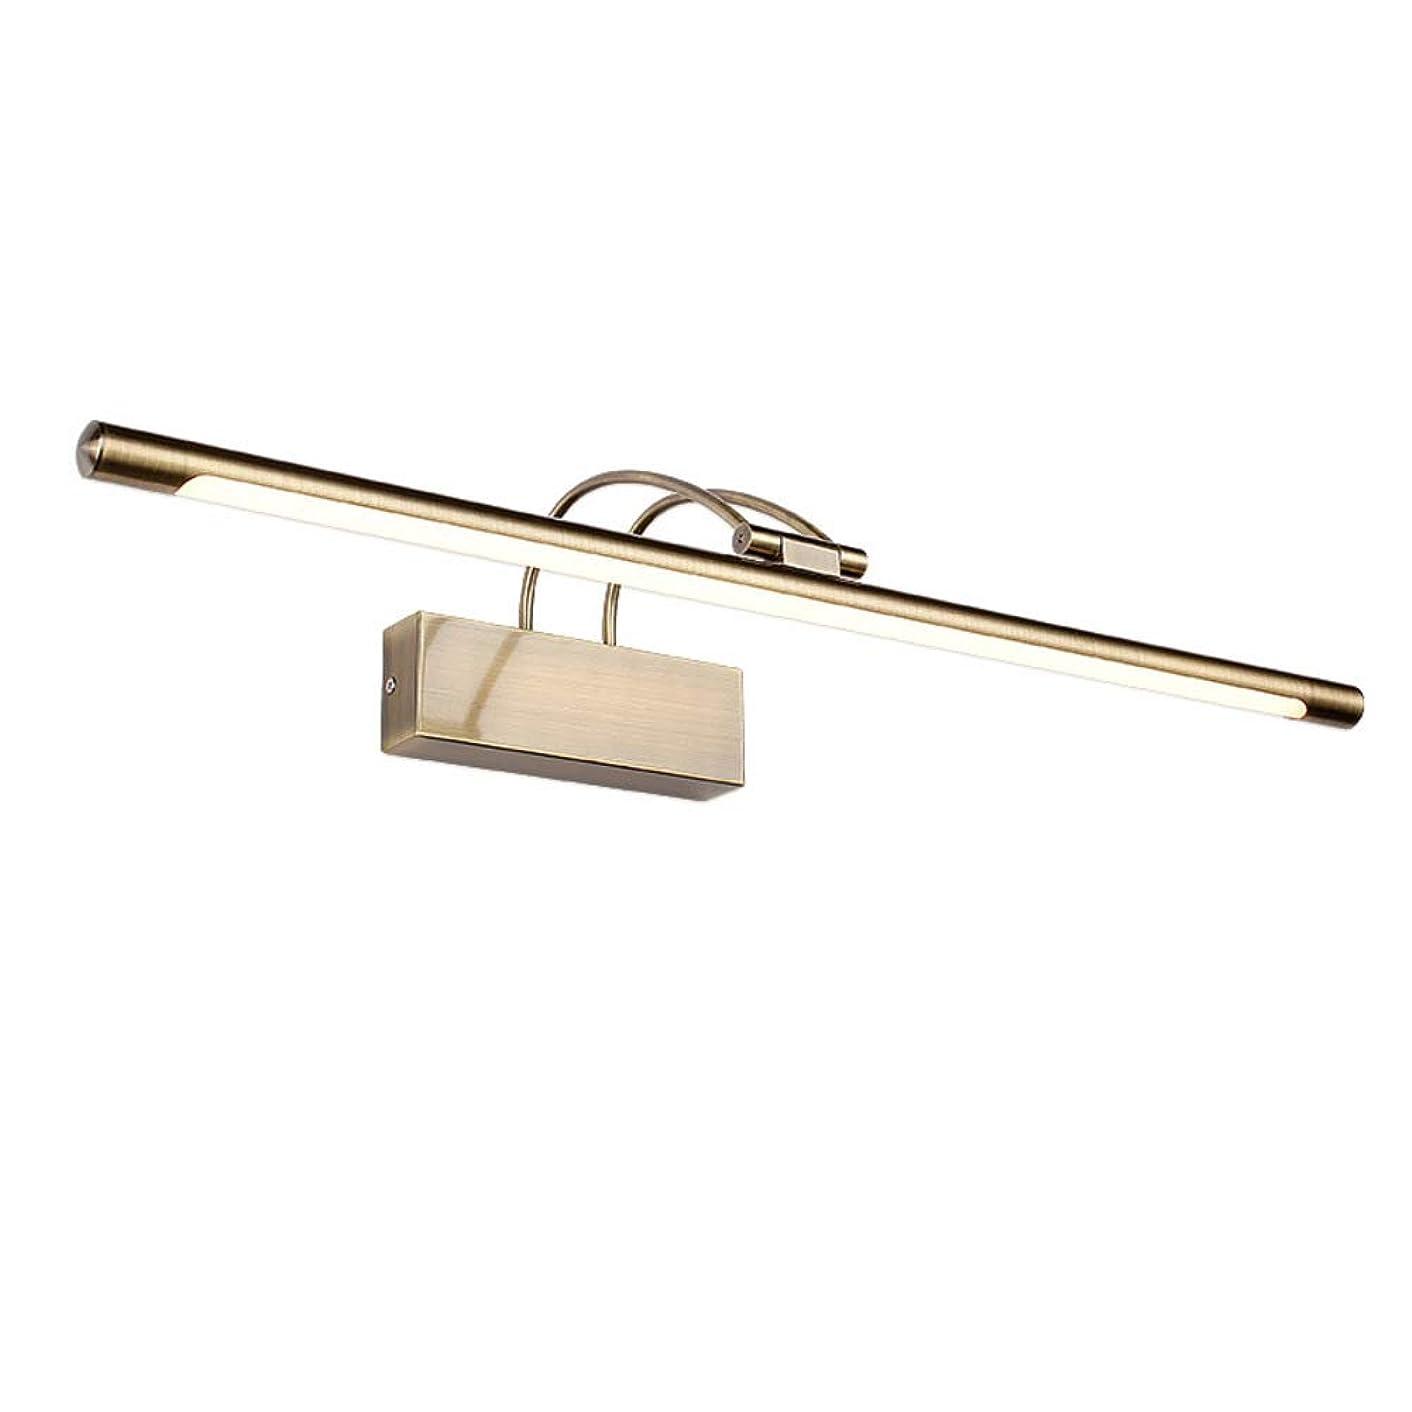 パスタお風呂を持っている相談する洗面 ミラーフロントライト, な ヴィンテージ ミラーランプ 角度調整可能 アンチ-意志 ウォールライト 化粧ライト ベッド ミラーキャビネットライト-ブロンズ 16w-l: 75cm